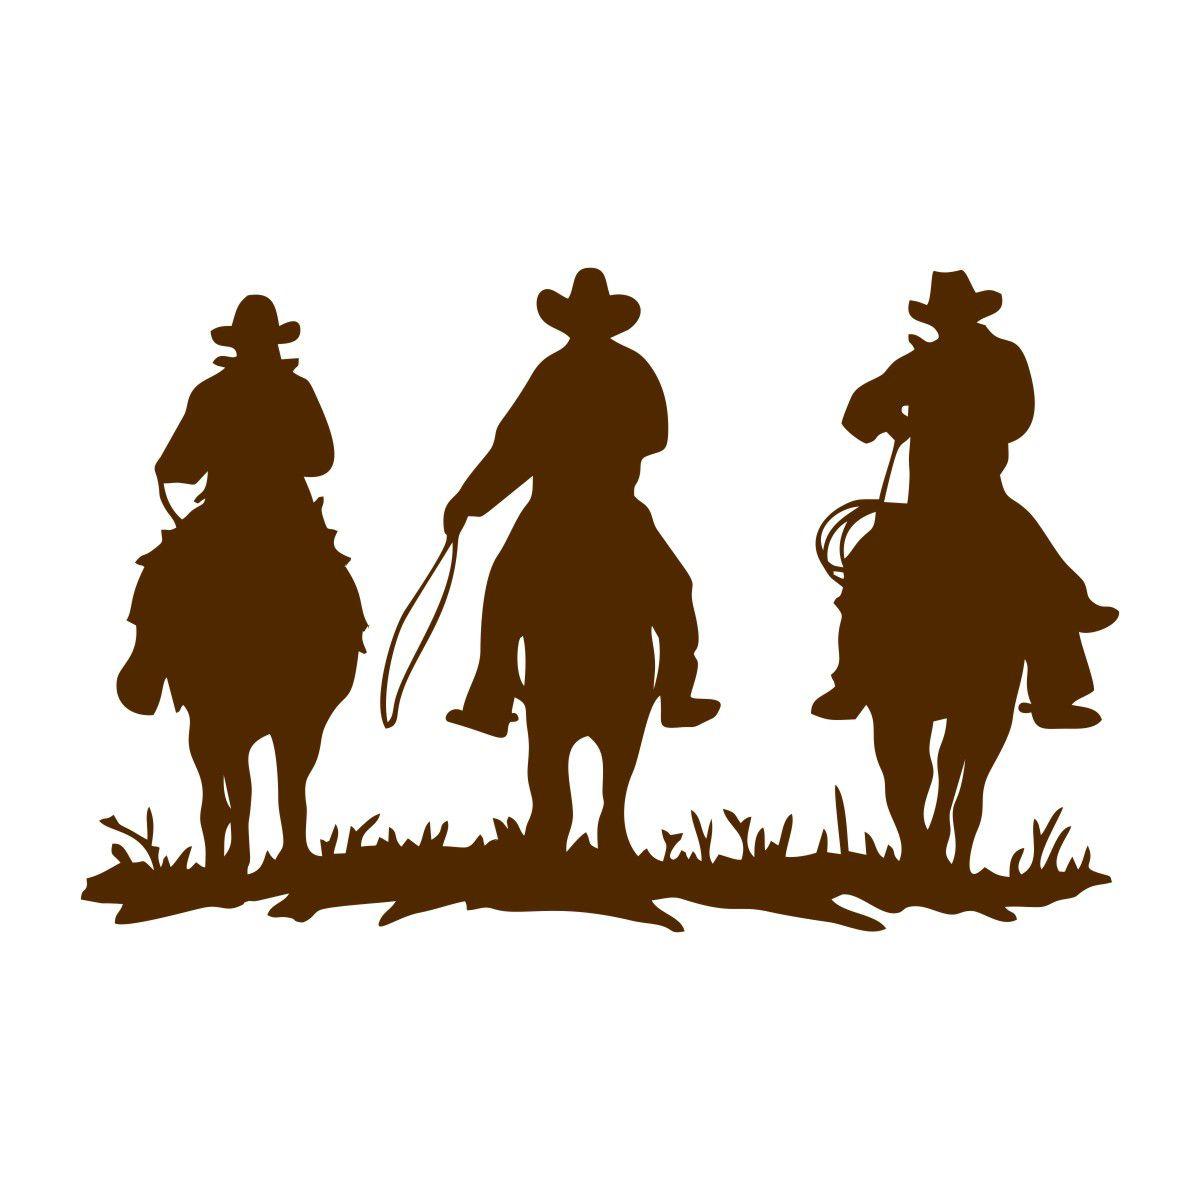 Adesivo 3 Cavaleiros